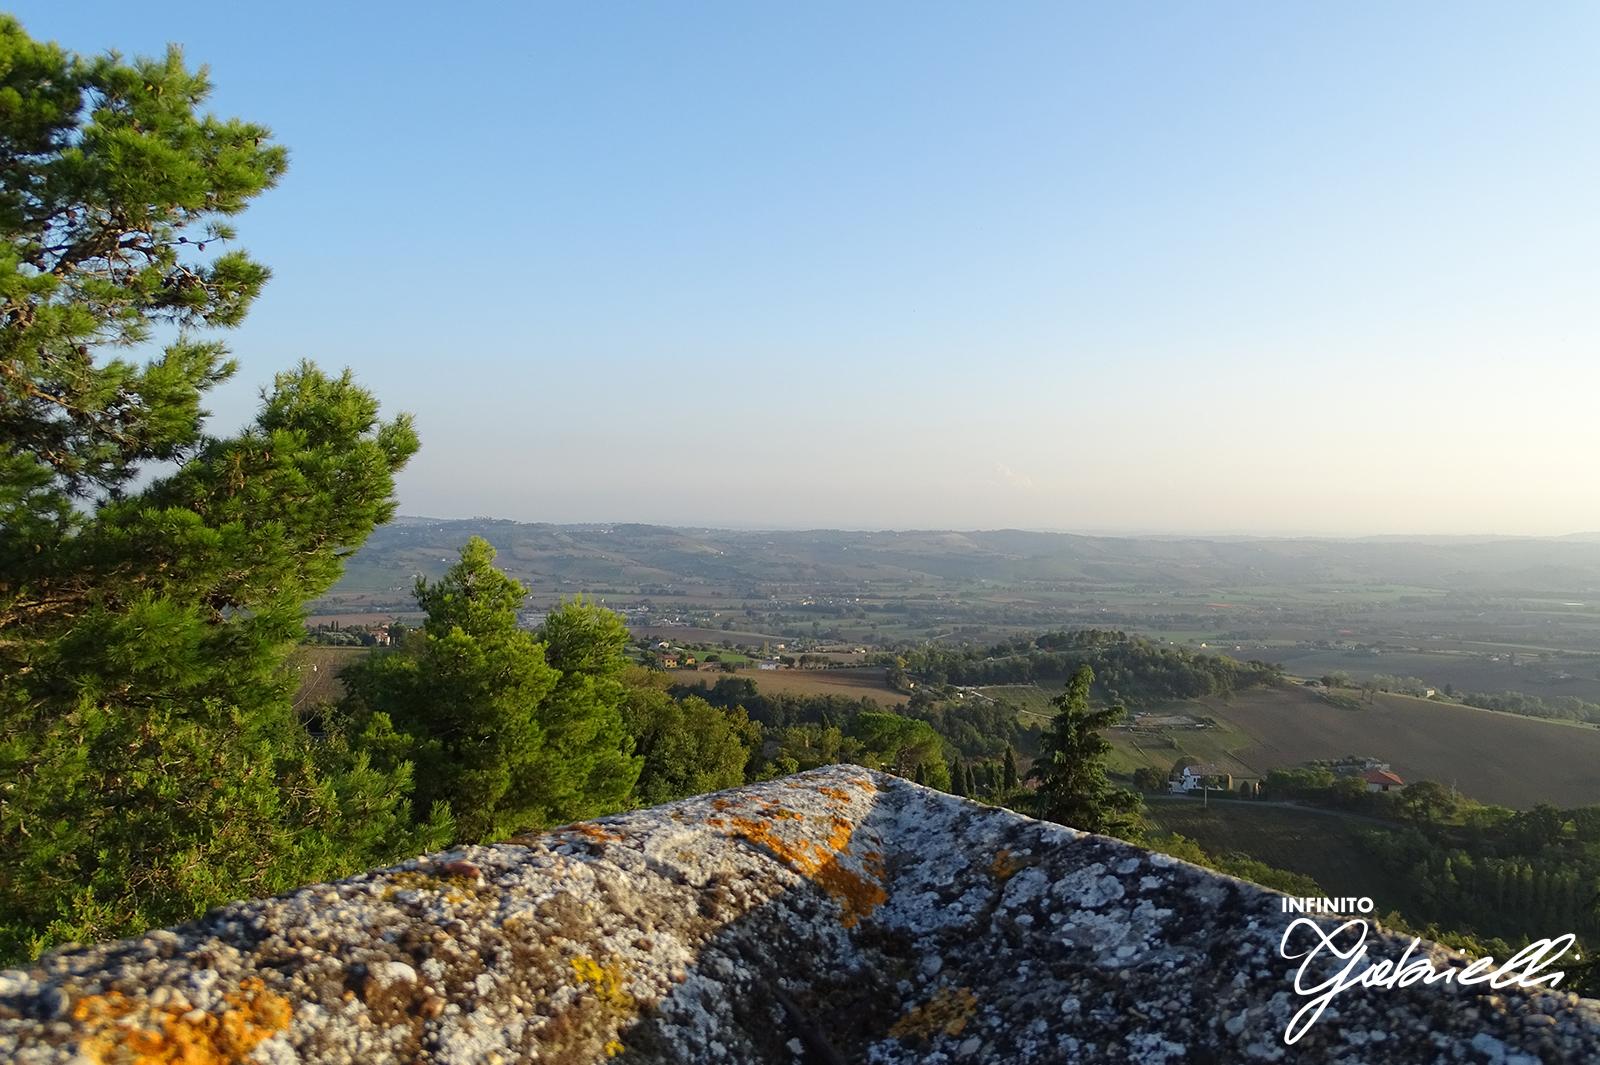 Infinito Gabrielli, visita virtuale al panorama del colle leopardiano